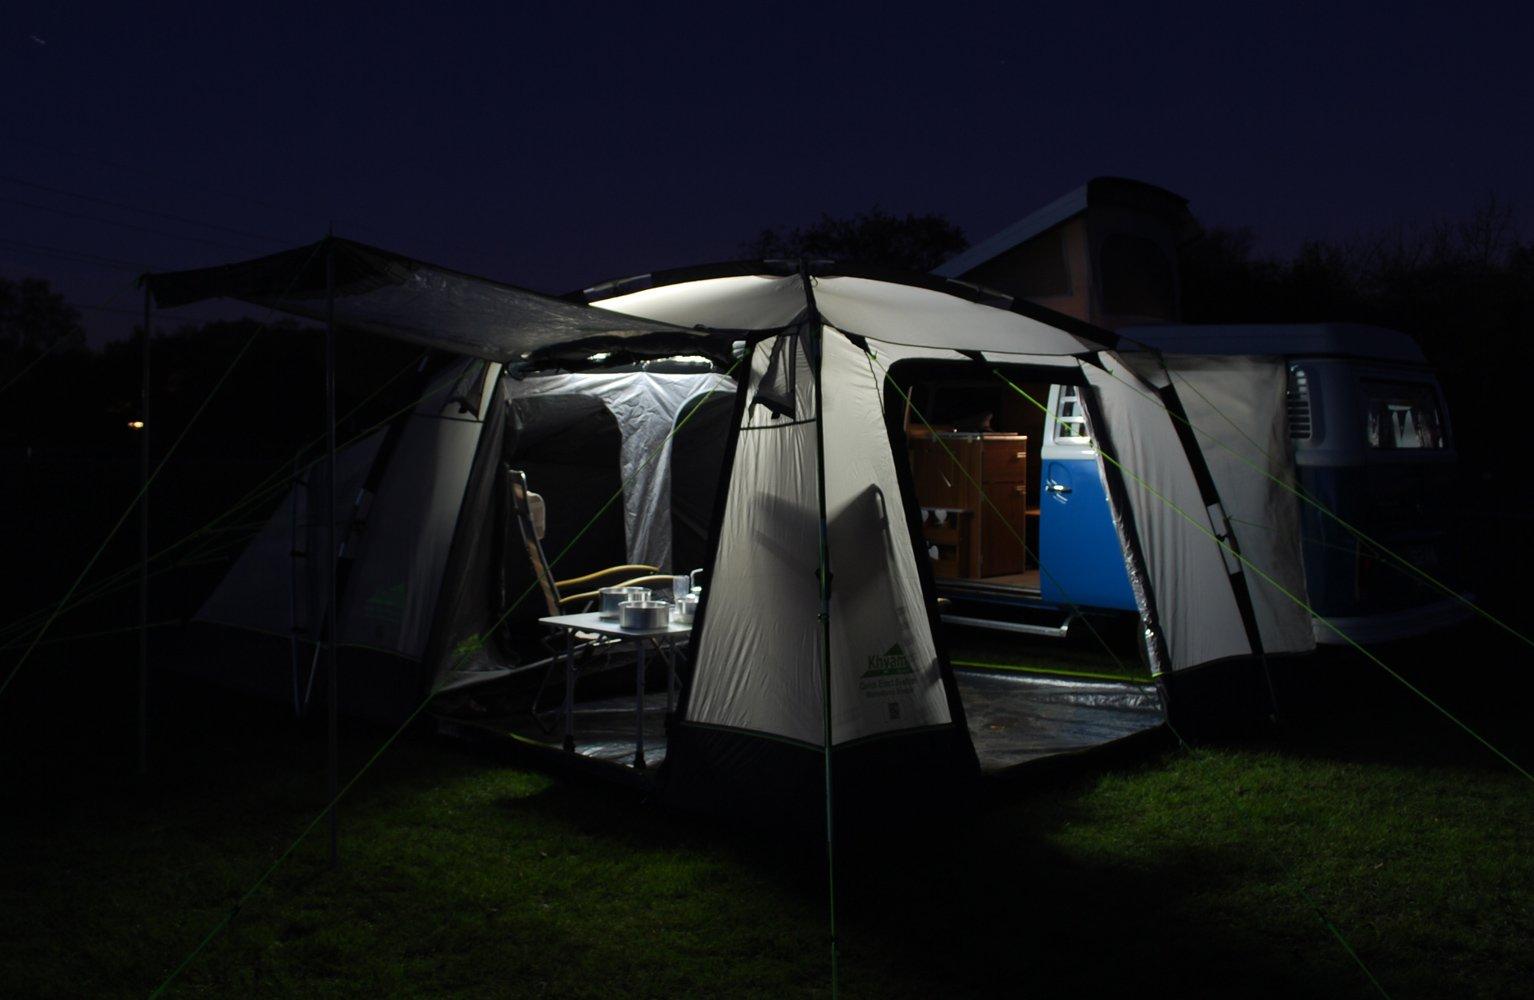 Khyam LED Awning Night Light